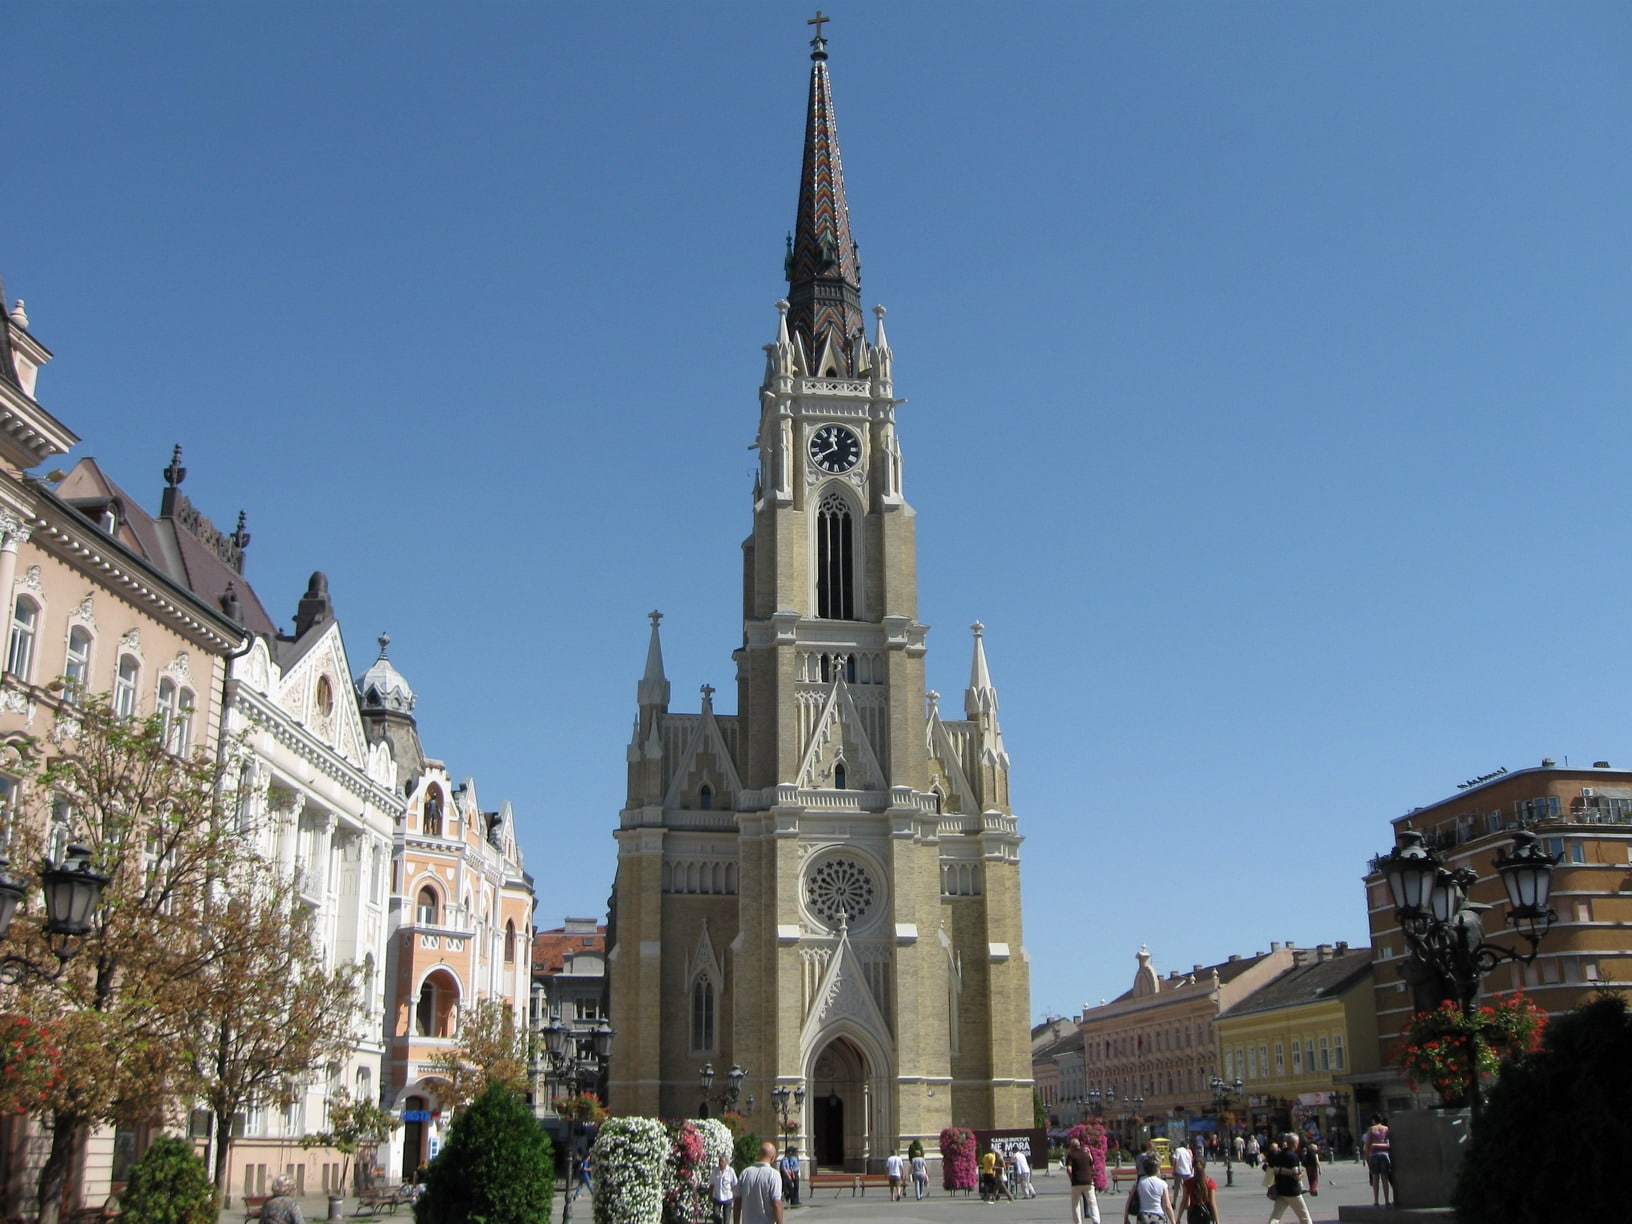 Catedrala Romano – Catolică Crkva imena Marijinog din Novi Sad, Serbia